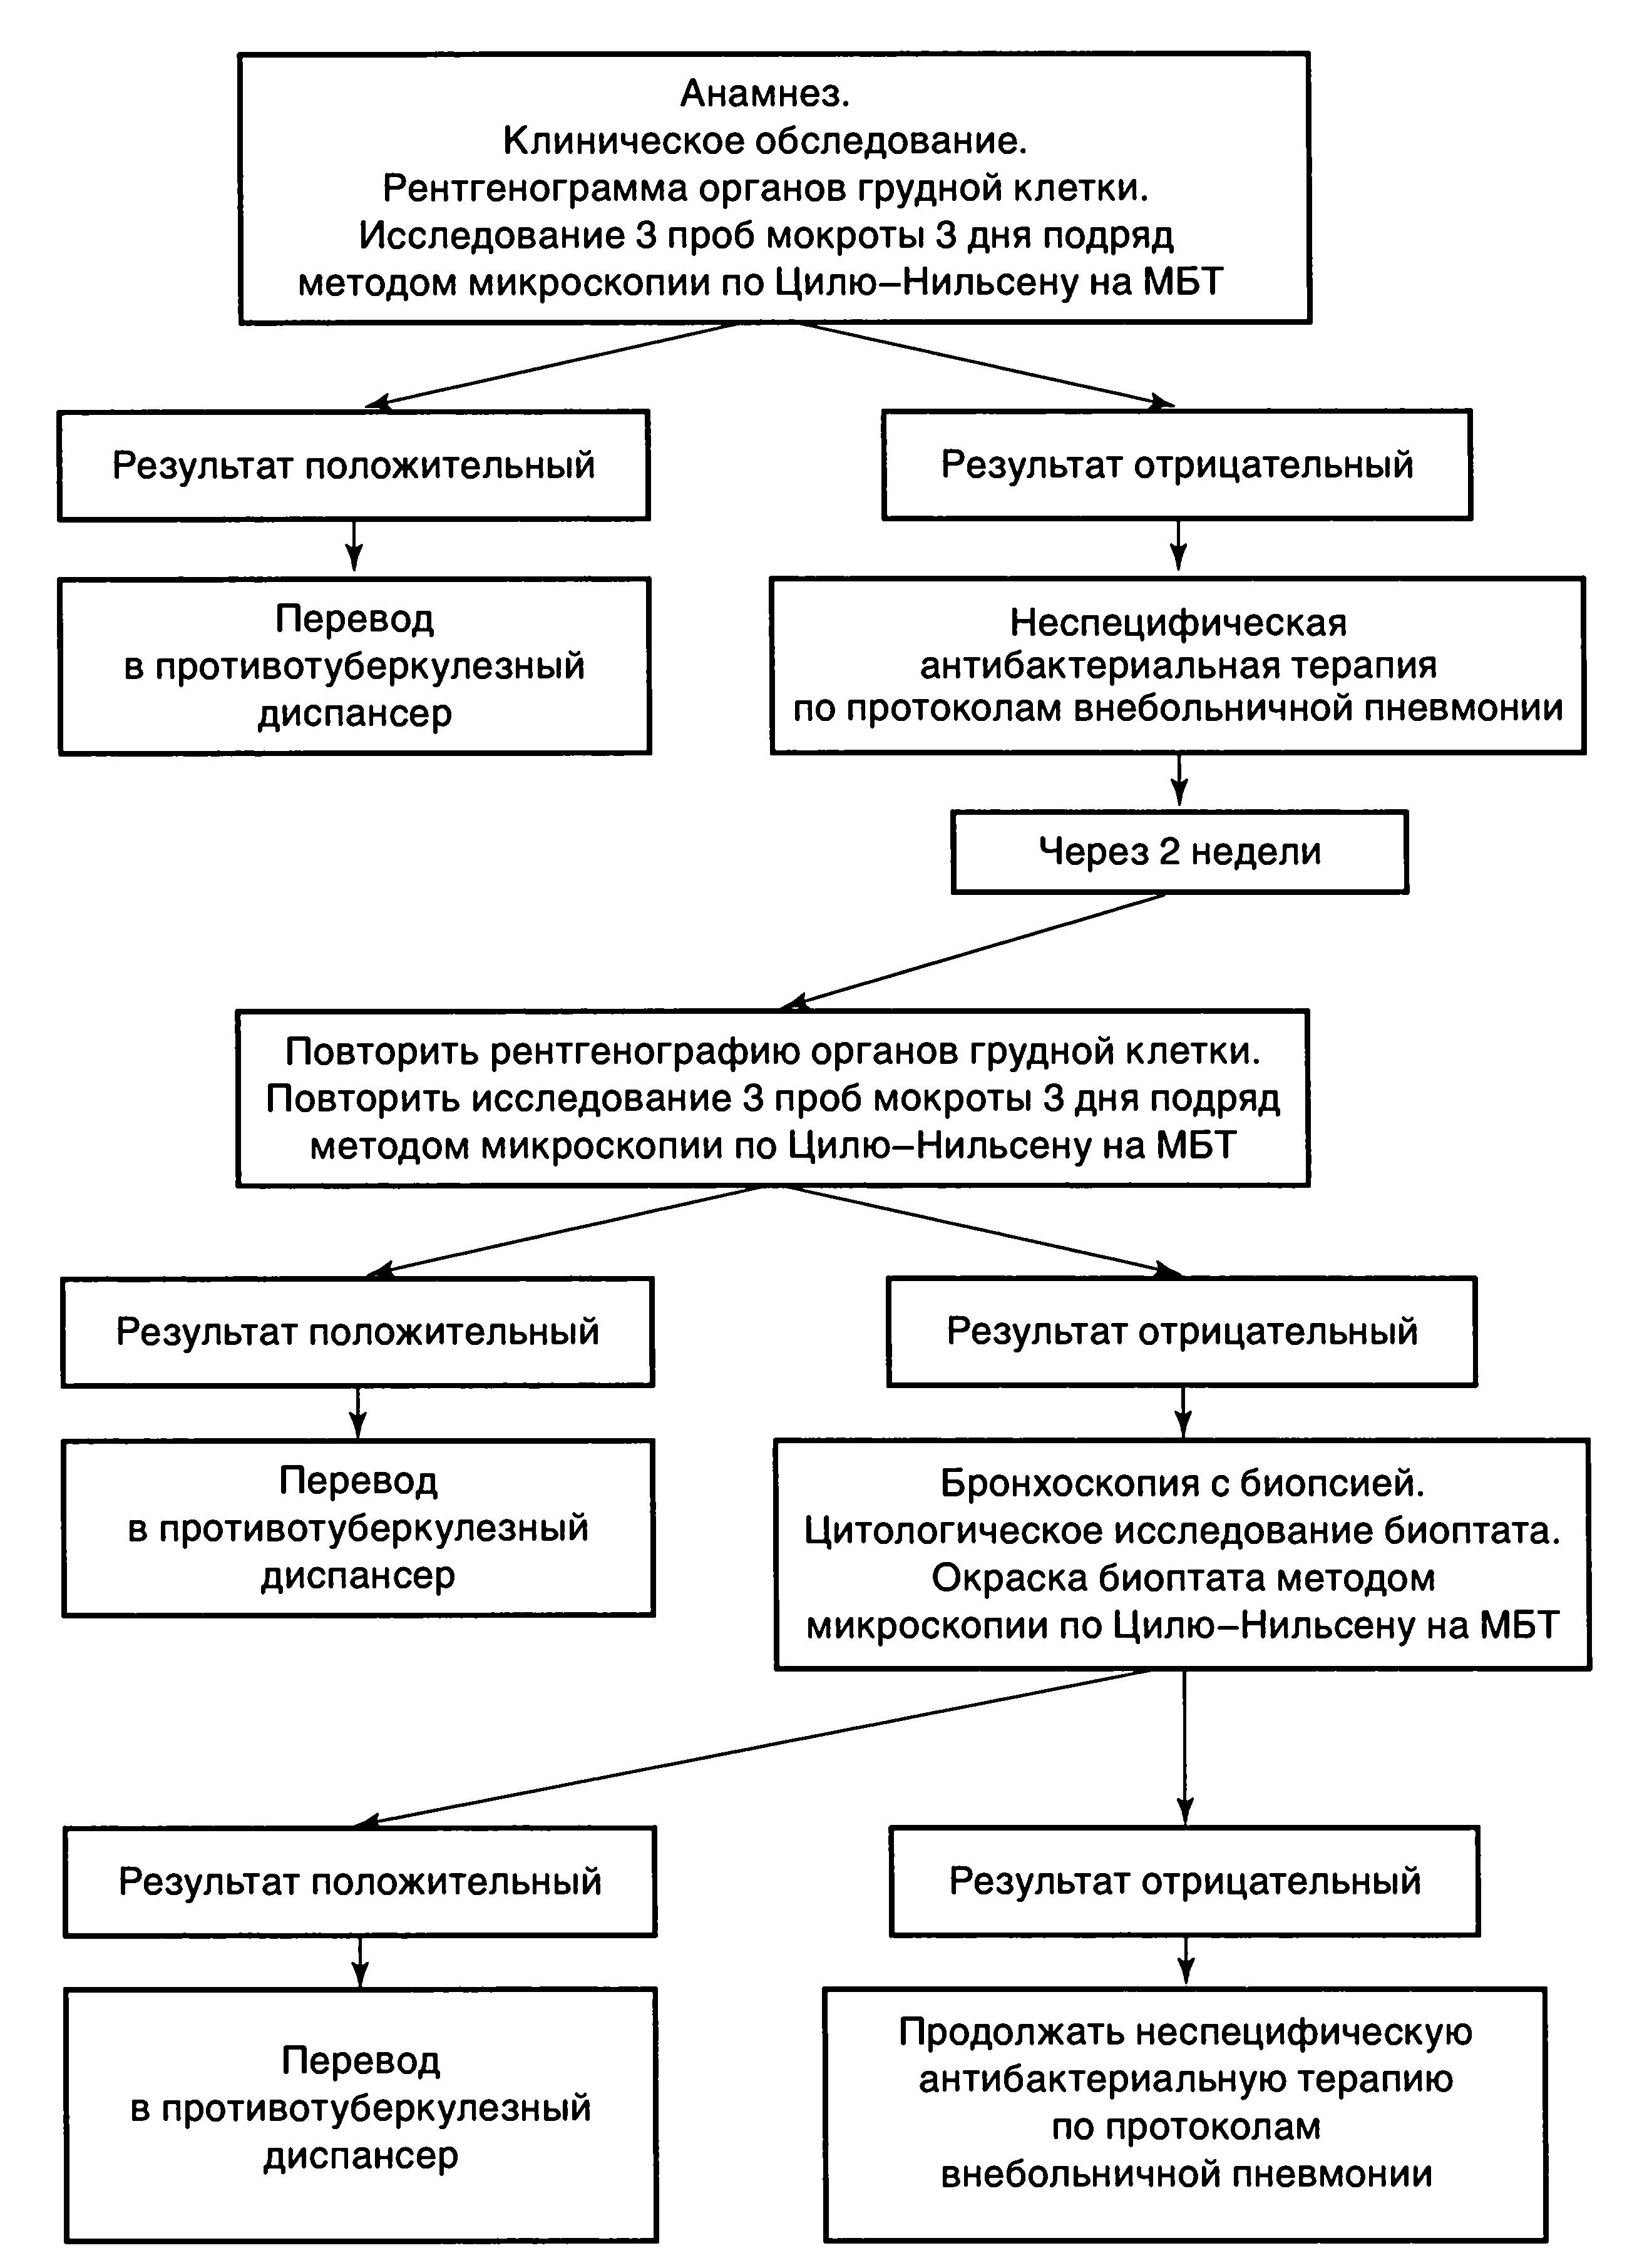 Что покажет цитология бронхоскопия